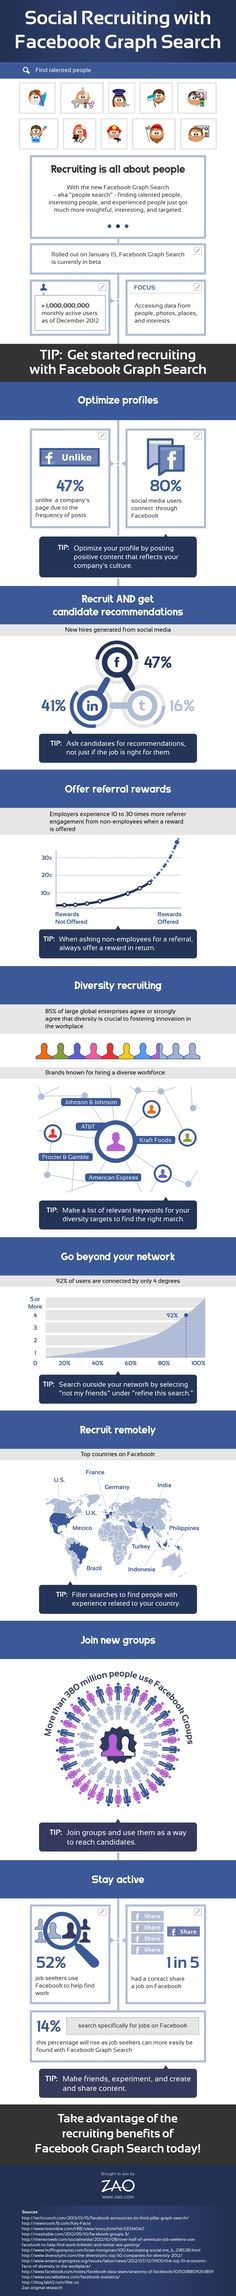 Facebook's Graph Search As A Social Recruiting Tool